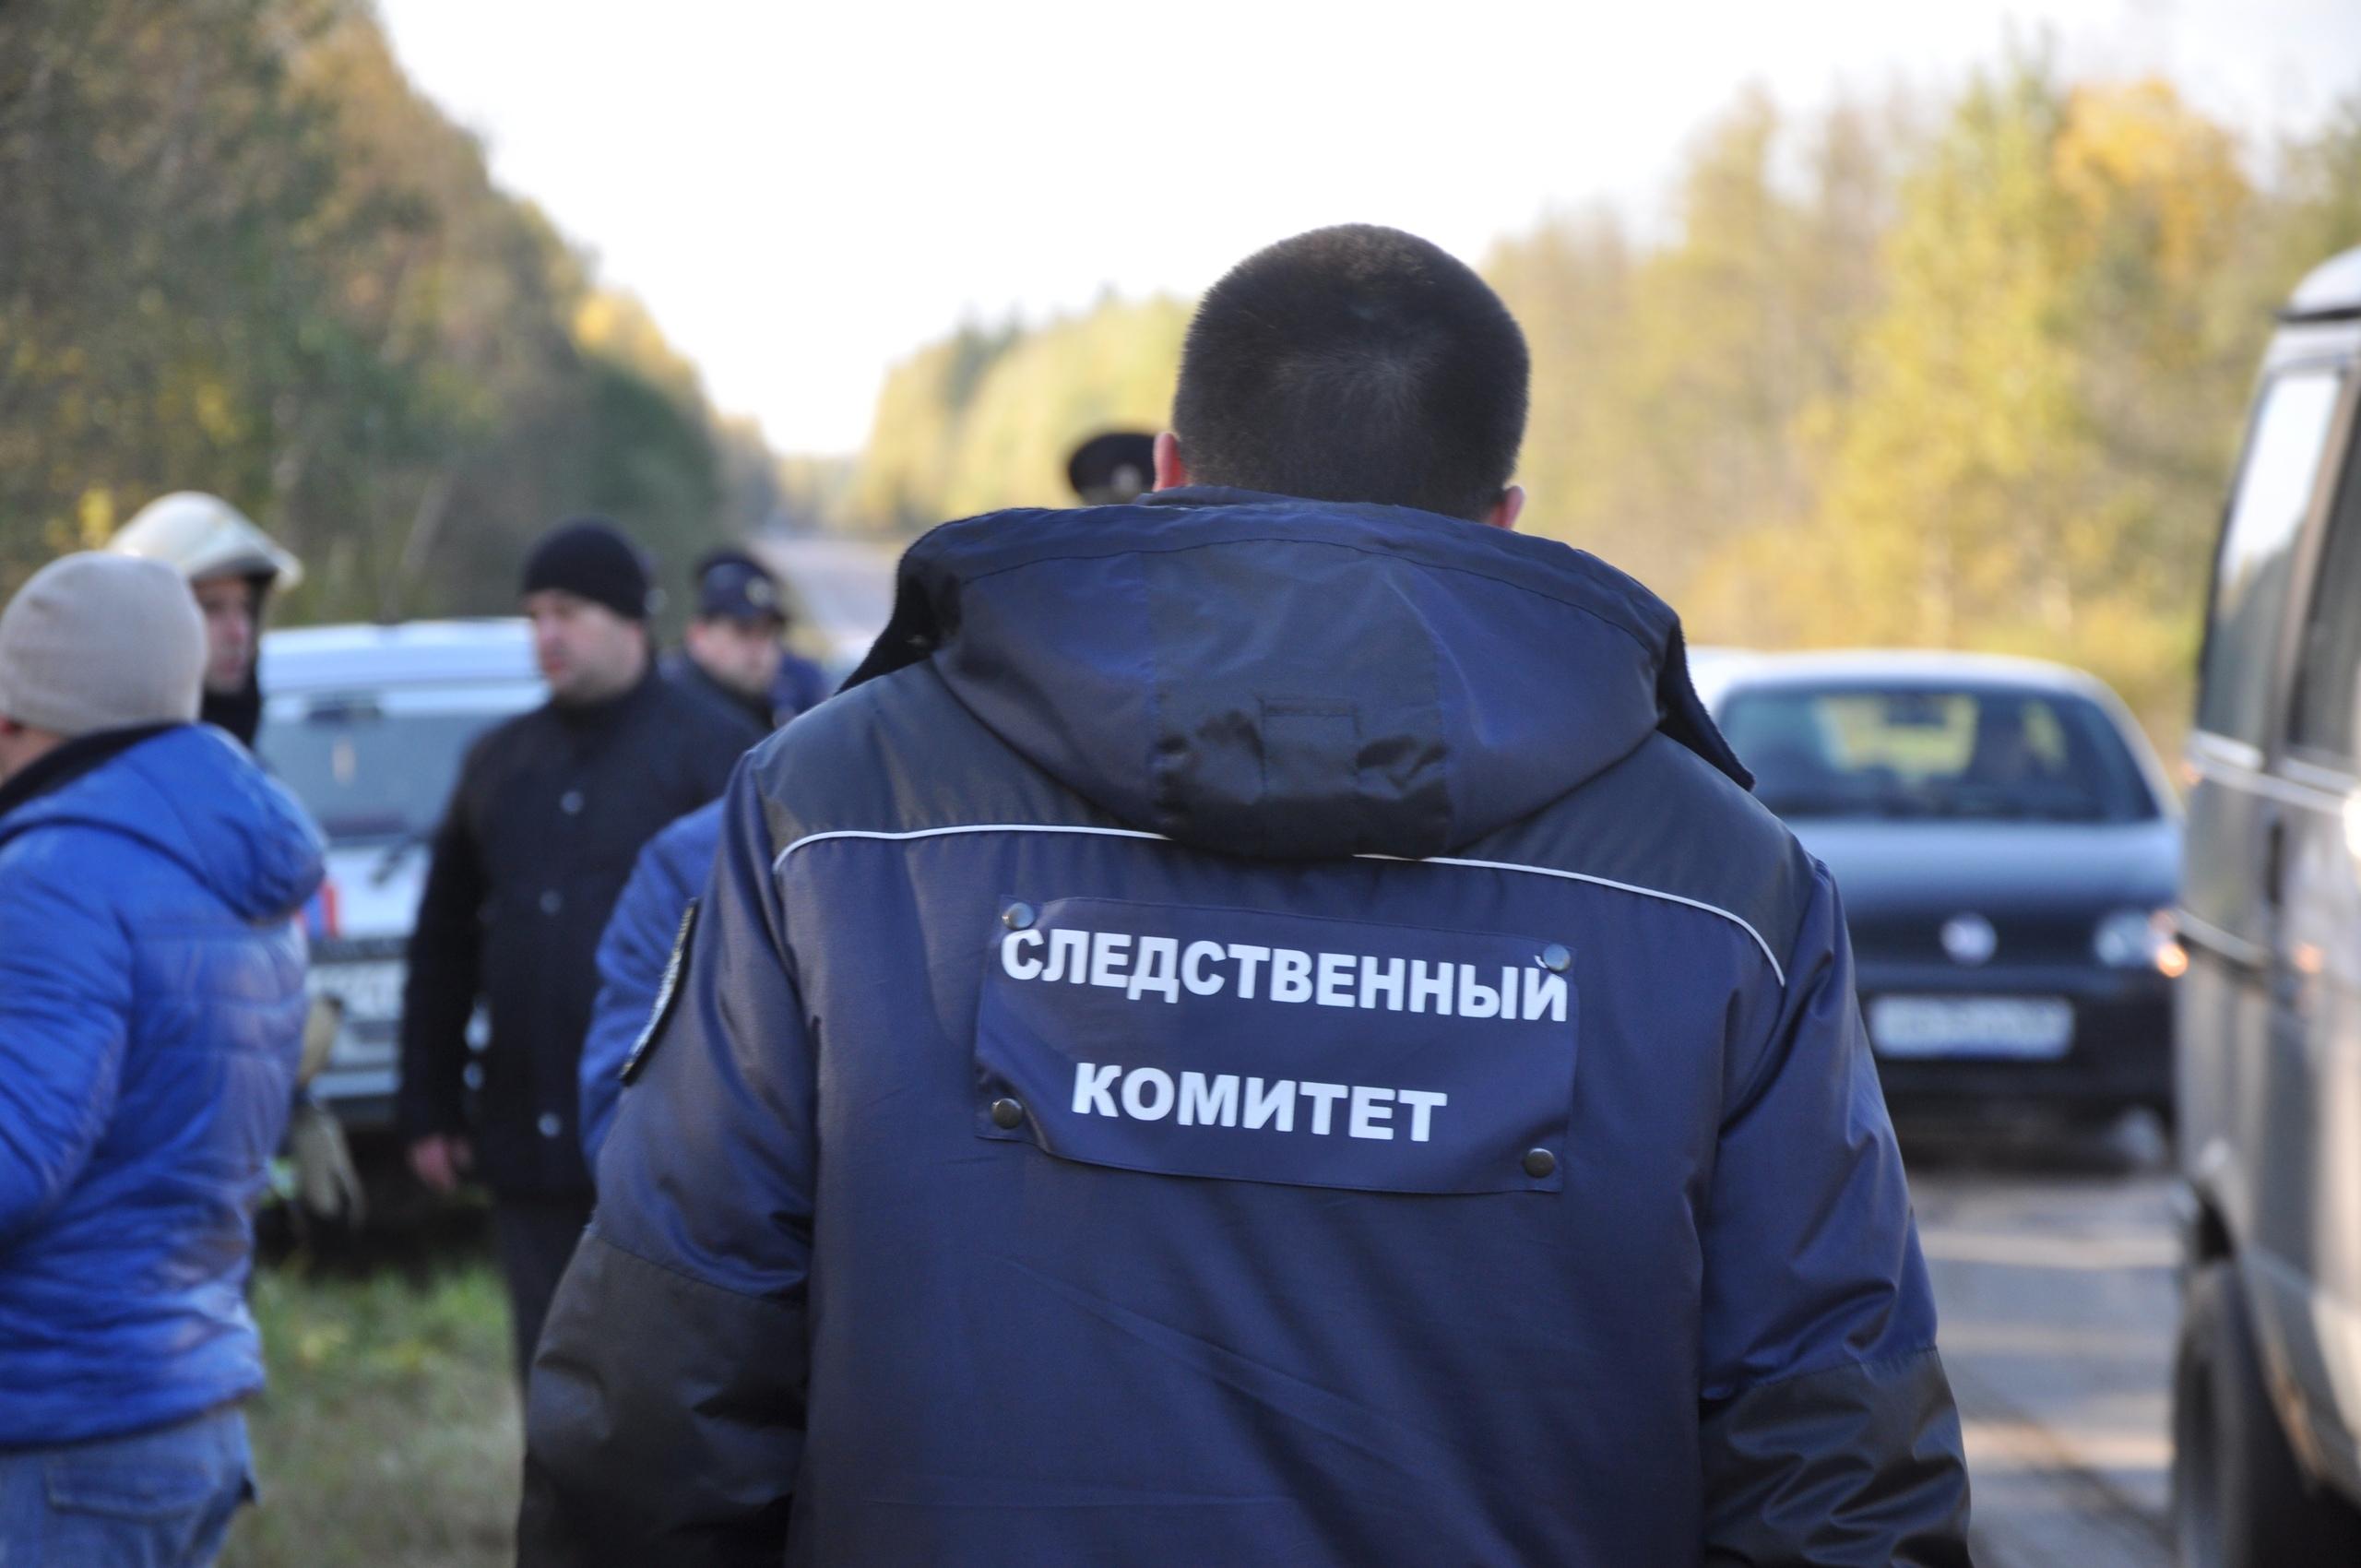 Следственный комитет Тверской области проводит проверку после ДТП с автобусом, в котором пострадали 10 человек